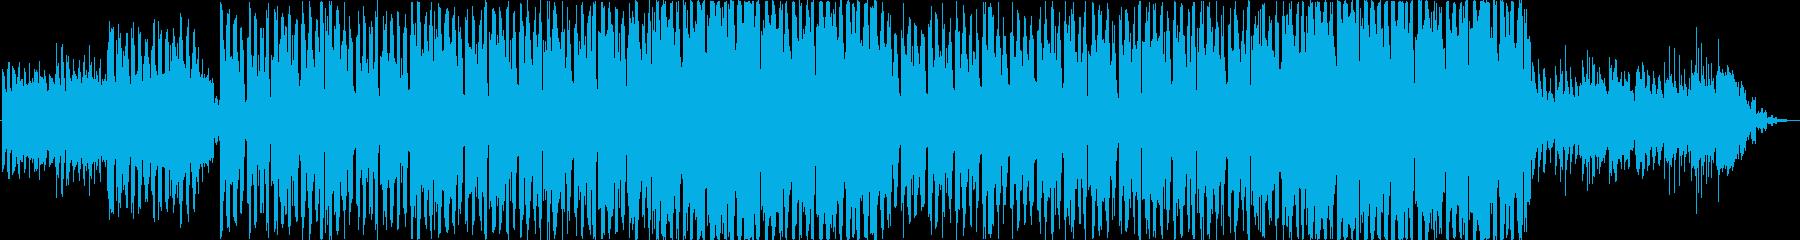 和風な要素を持ったエレクトロ楽曲です。…の再生済みの波形